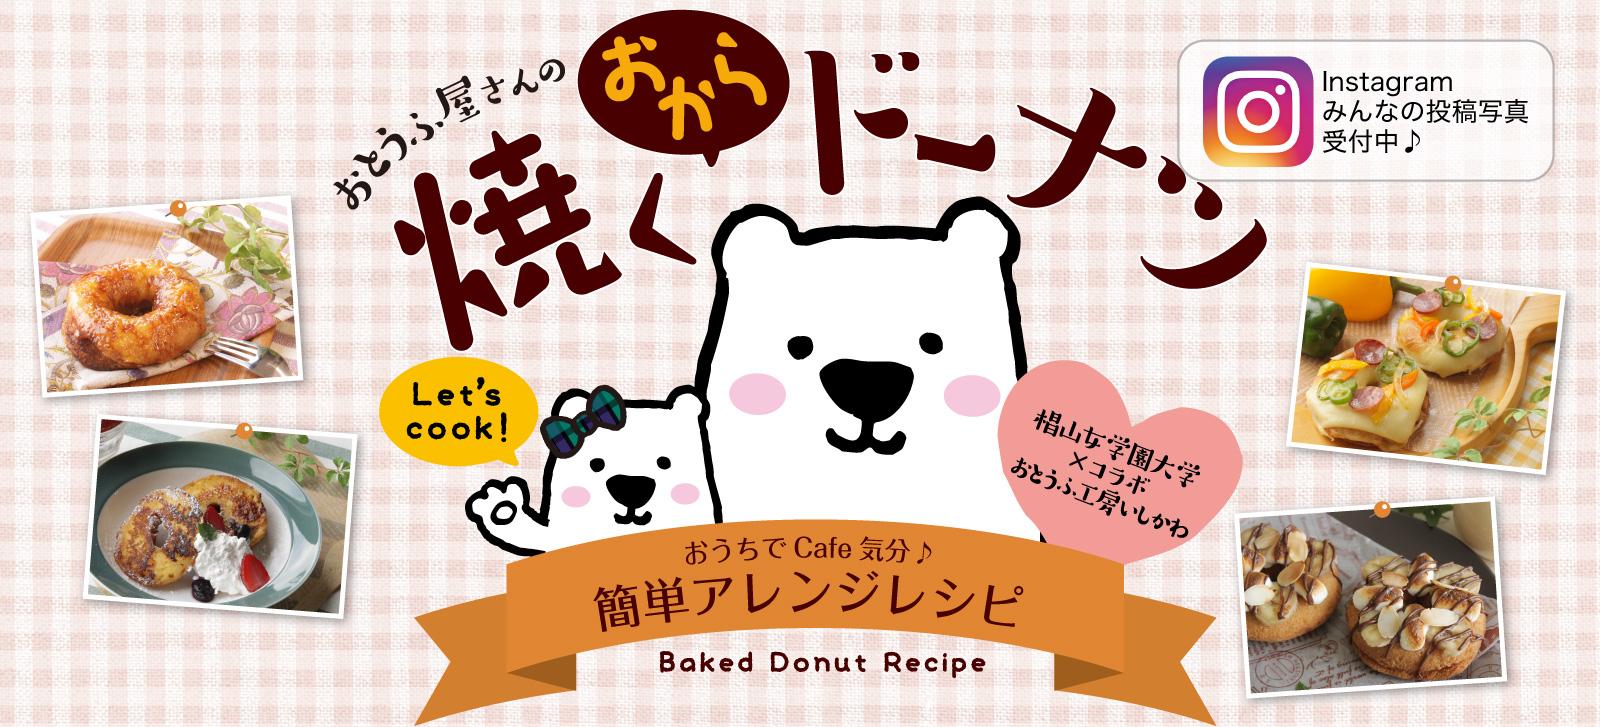 【新商品】椙山女学園大学コラボ 焼くおからドーナツ